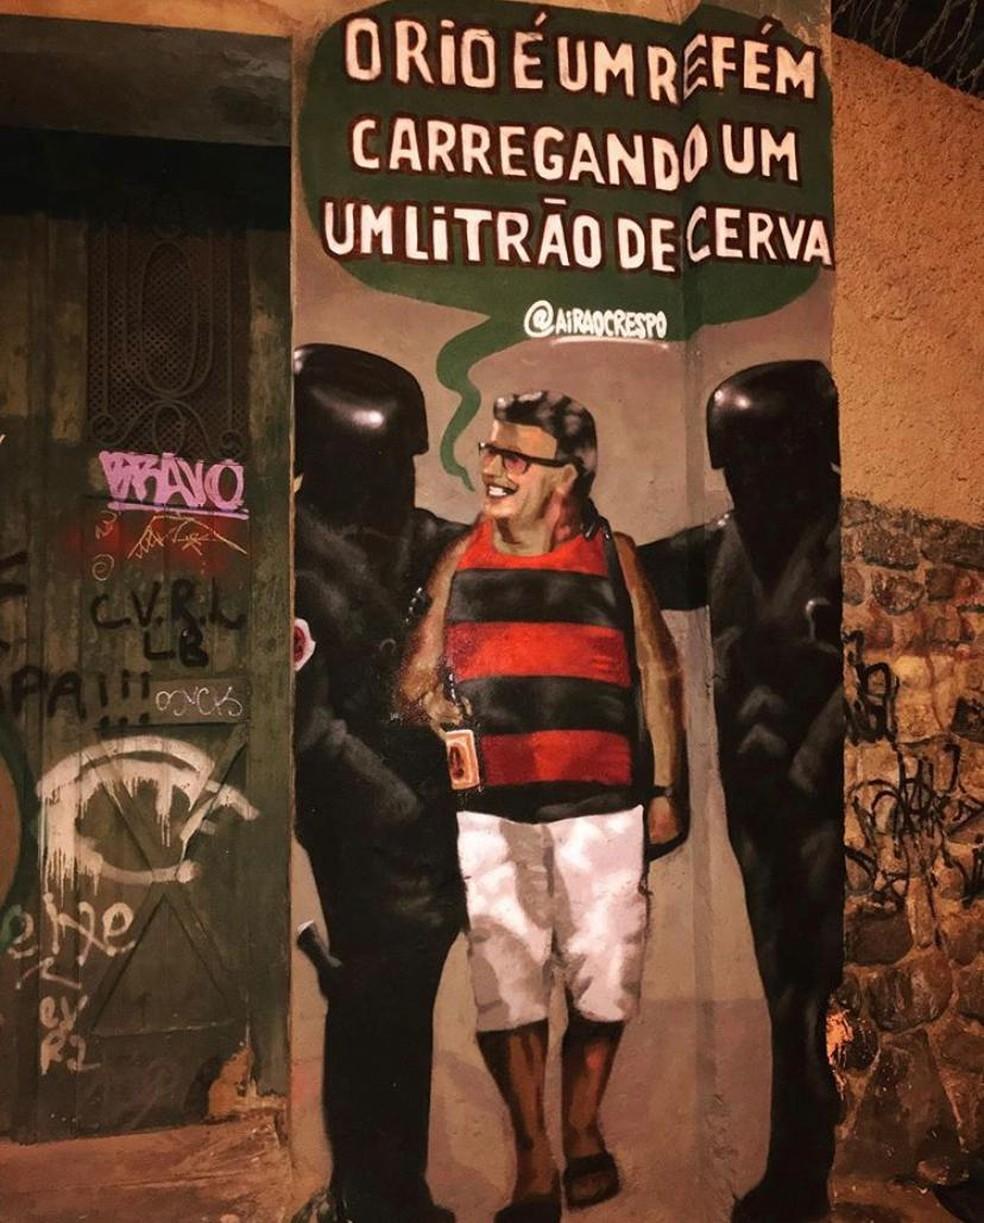 Imagem de refém sendo libertado com garrafa de cerveja vira grafite no Rio — Foto: Arquivo Pessoal